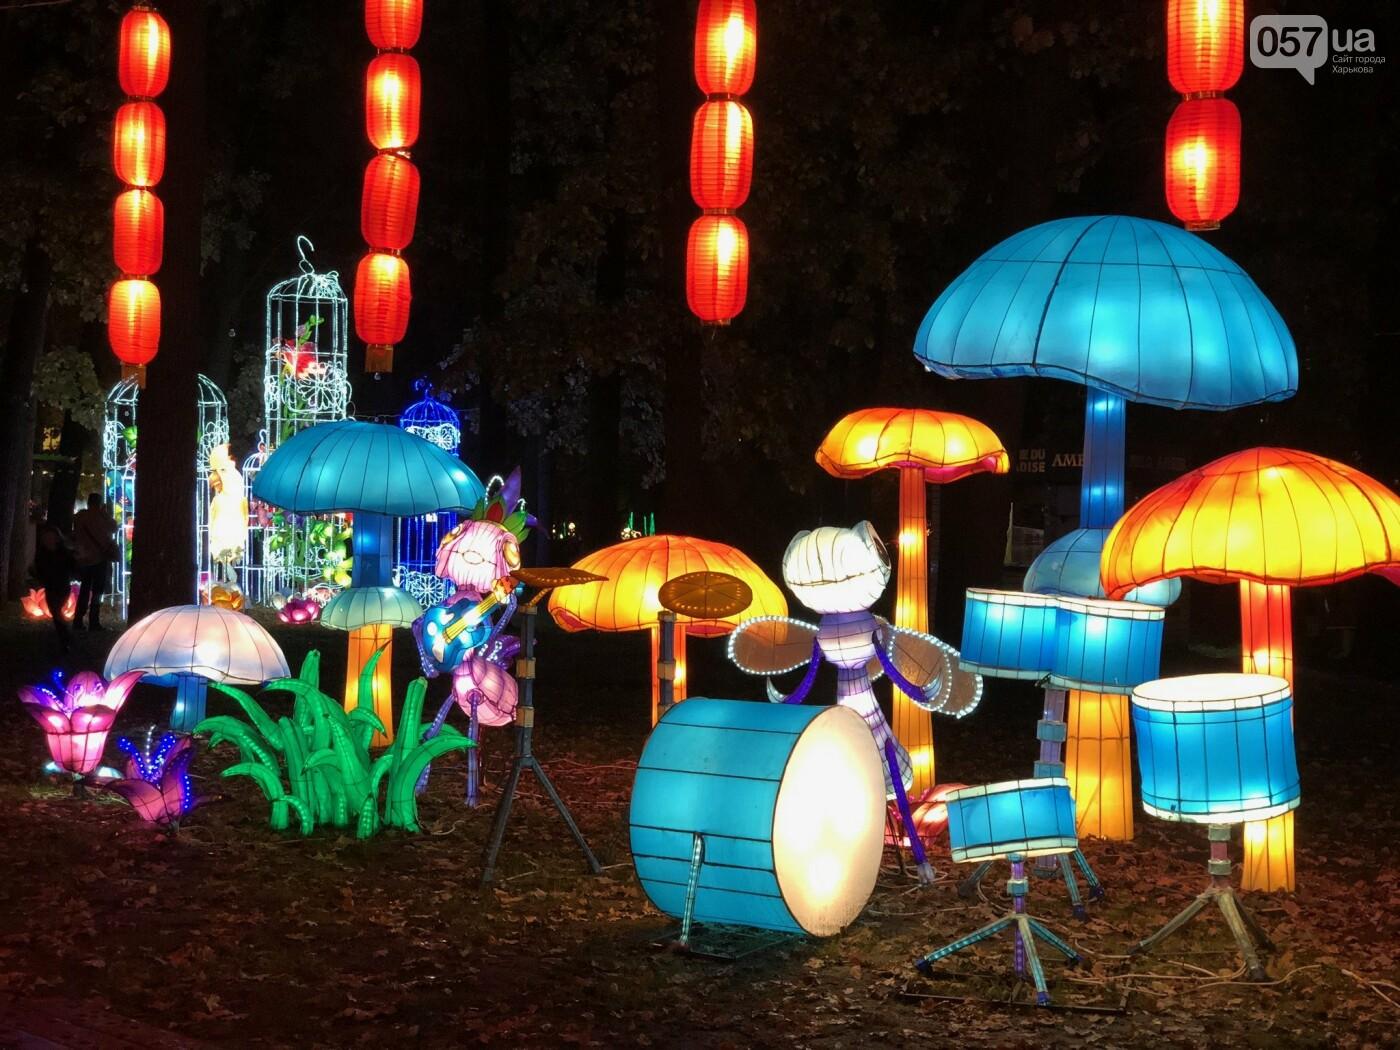 Харьков зажигает огни: что ждет посетителей Фестиваля гигантских китайских фонарей, фото-2